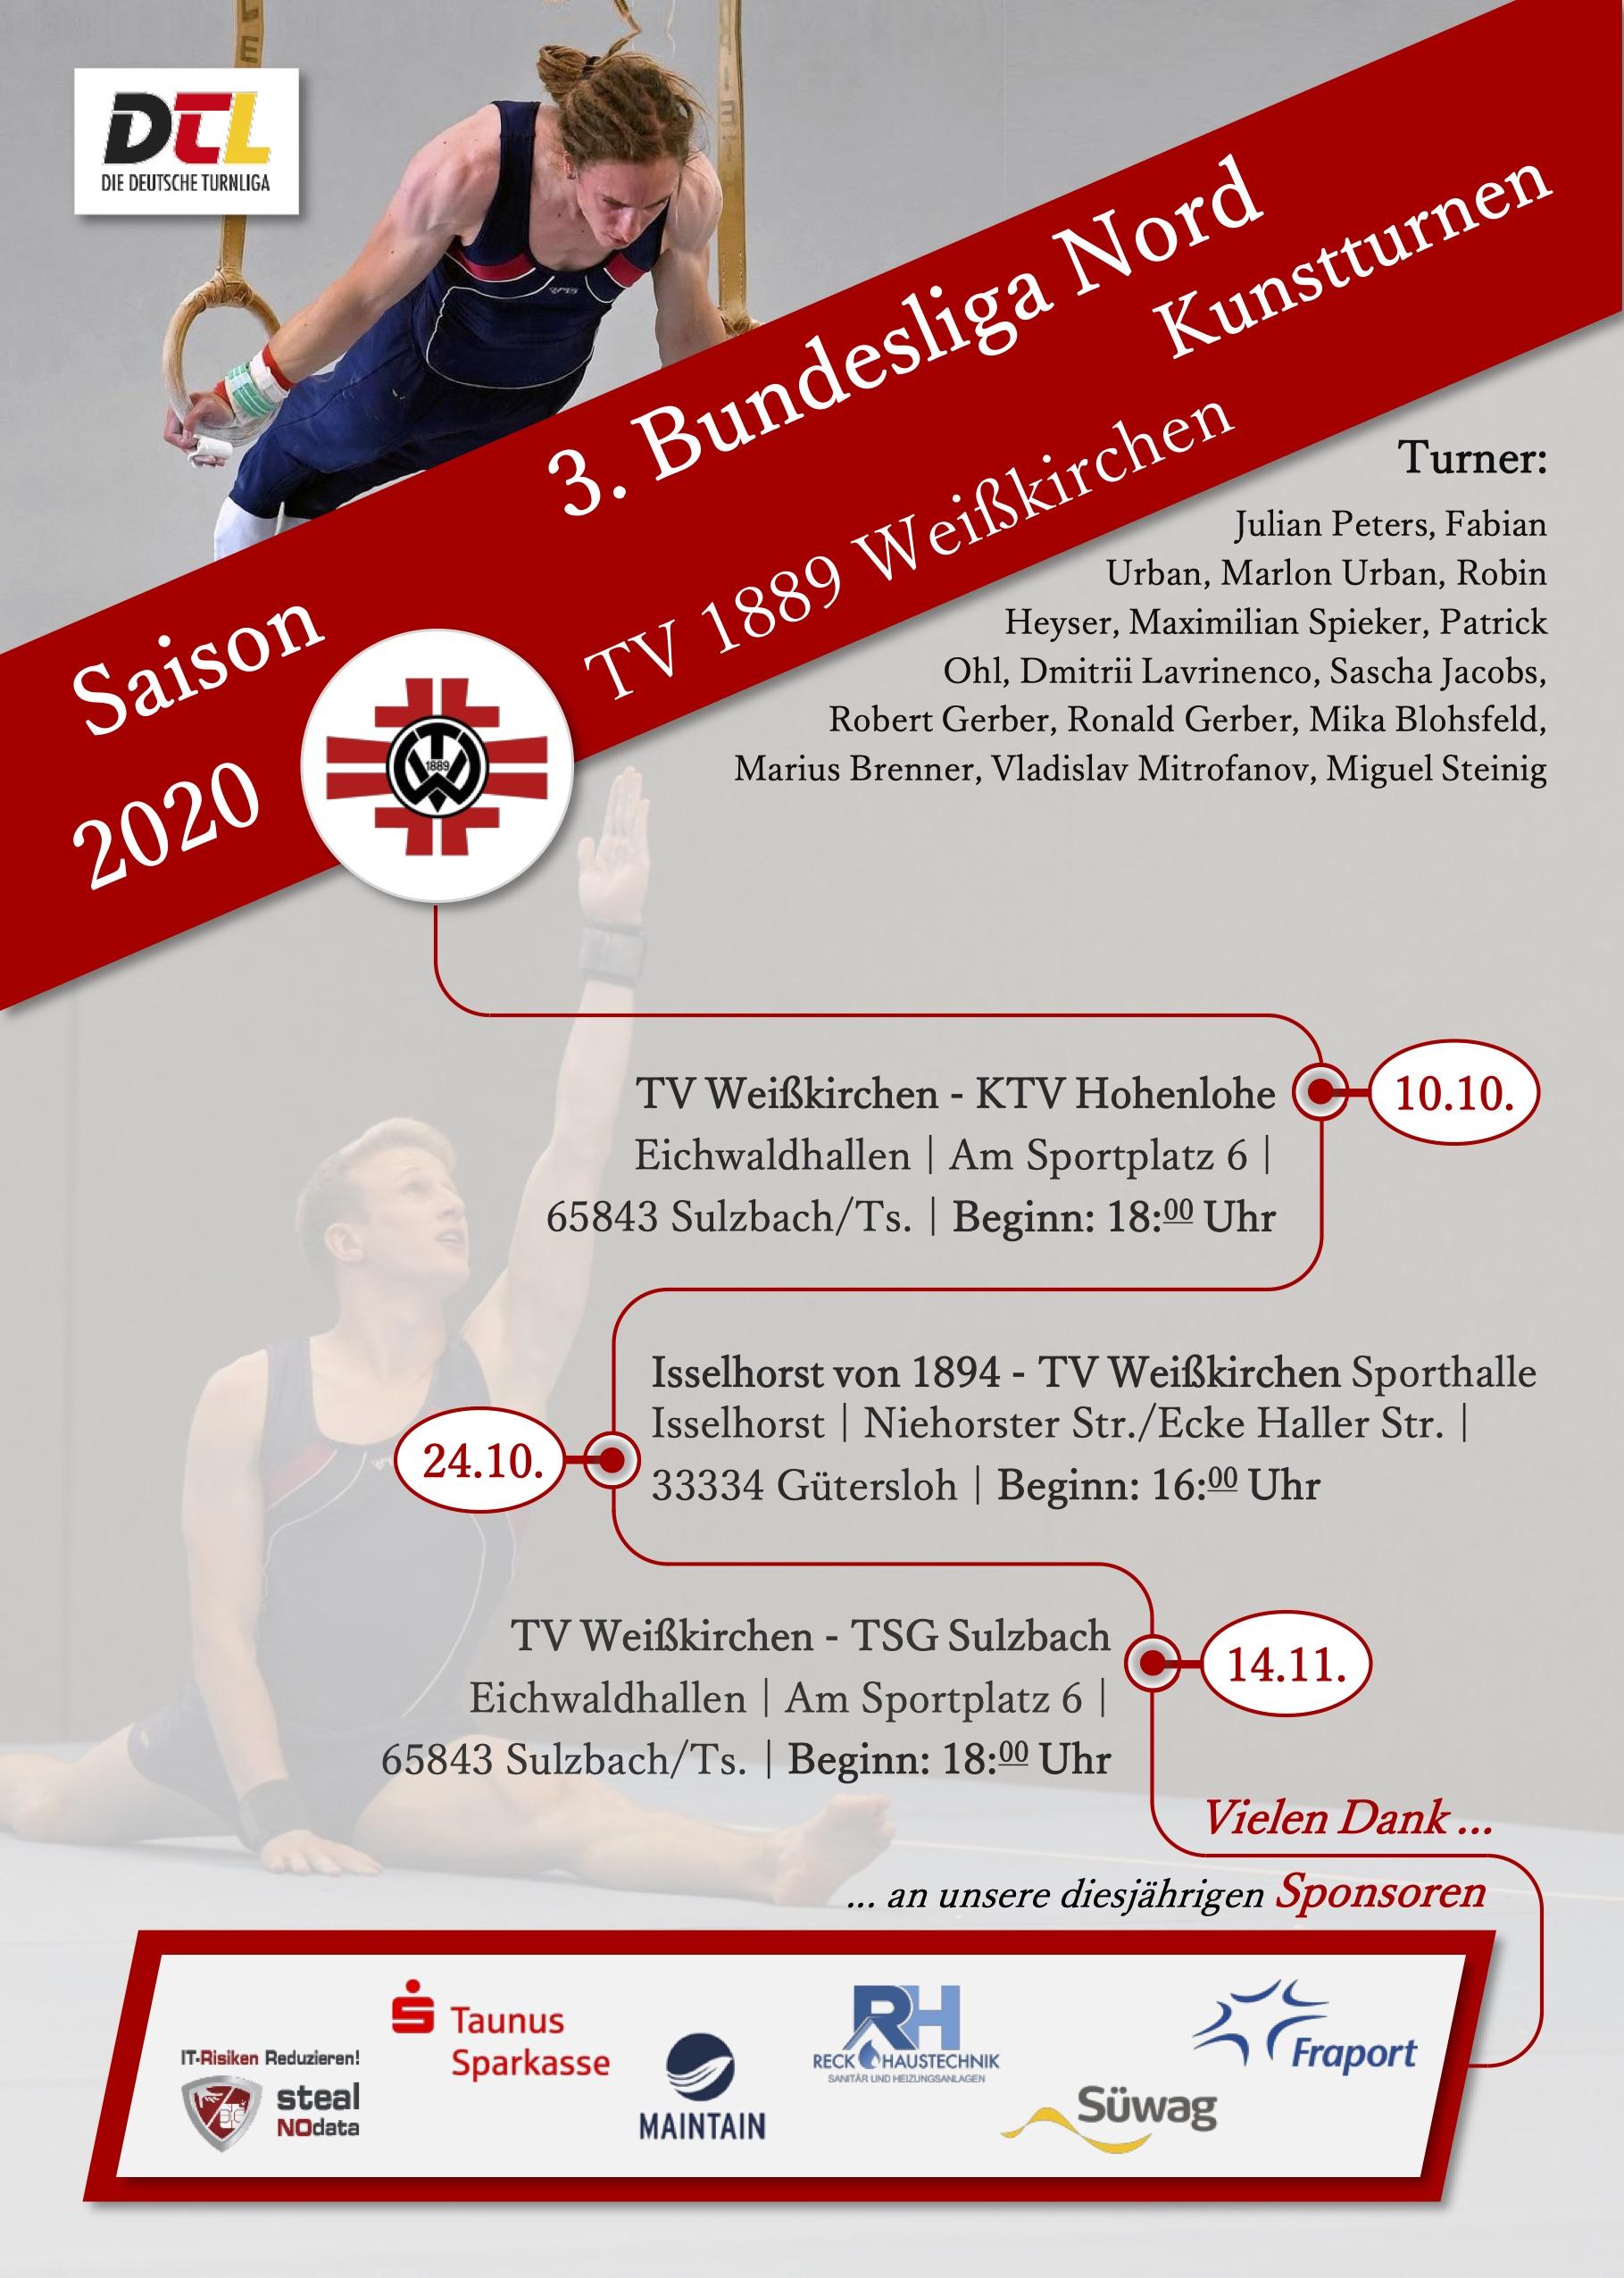 Bundesligaturnen live erleben